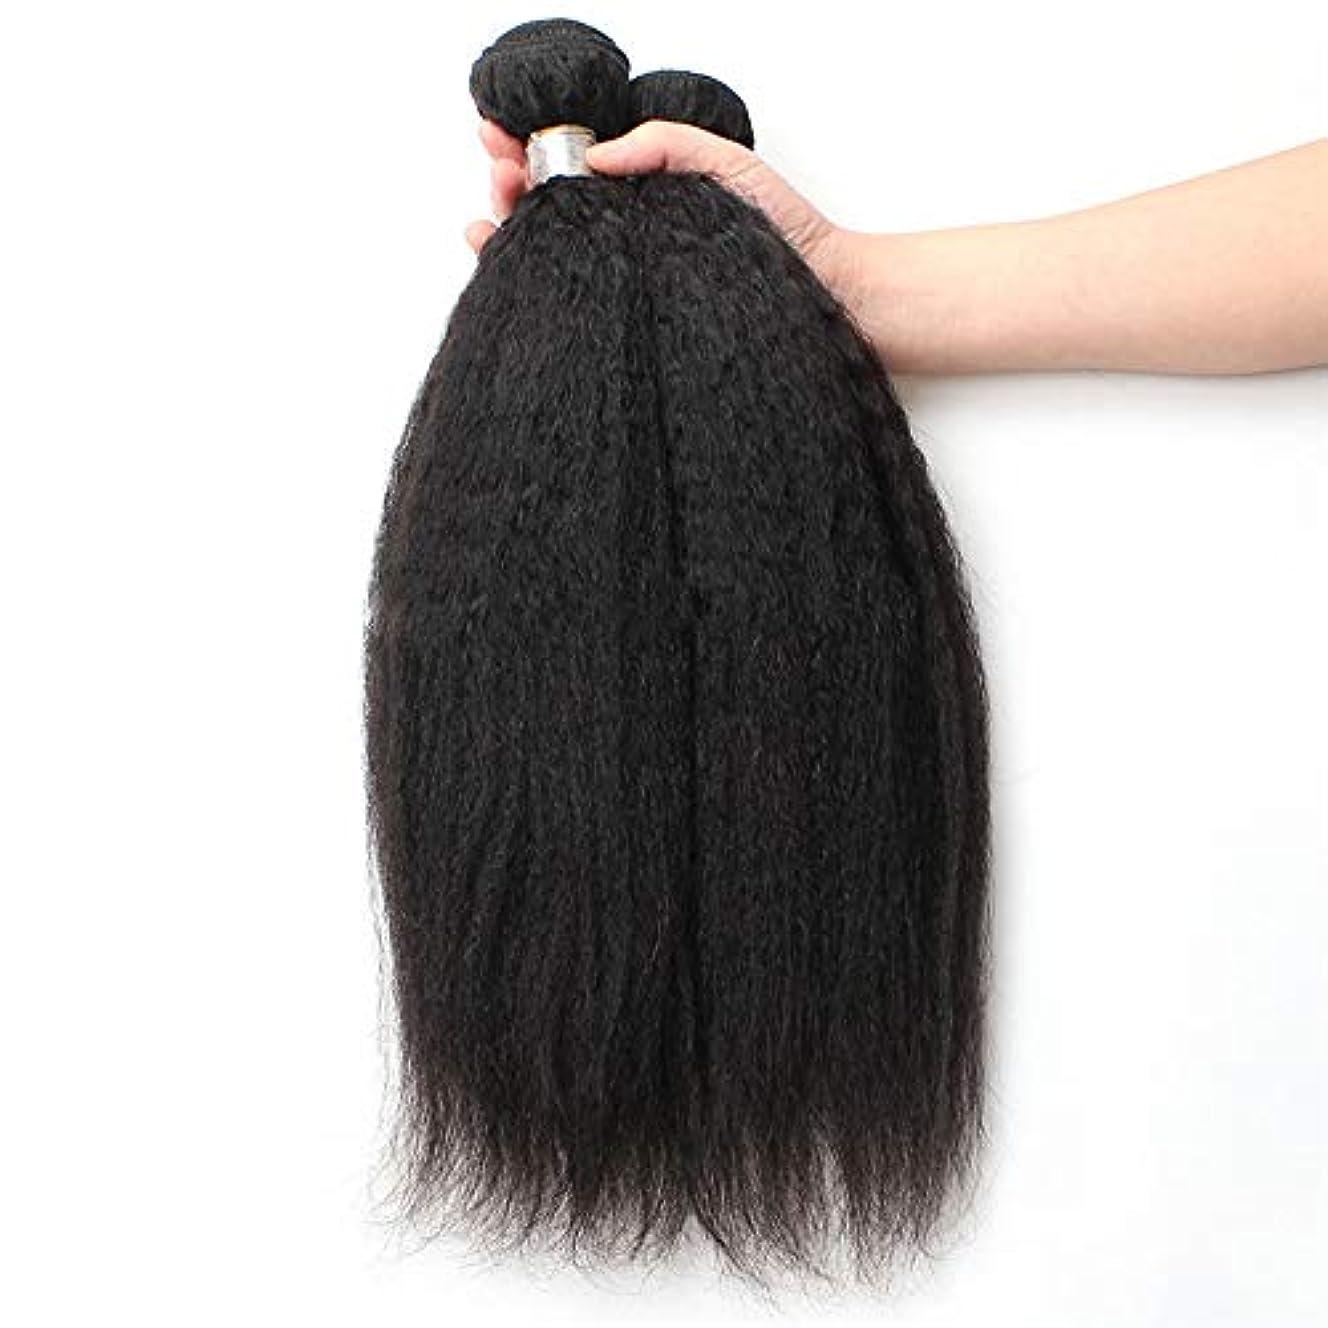 拡声器読みやすさ脇にBOBIDYEE 9Aブラジル人変態ストレート人間の髪1バンドル焼きストレートヘア100%未処理の人間の毛髪延長ナチュラルブラックカラー複合毛レースのかつらロールプレイングかつらストレートシリンダーショートスタイル女性自然...